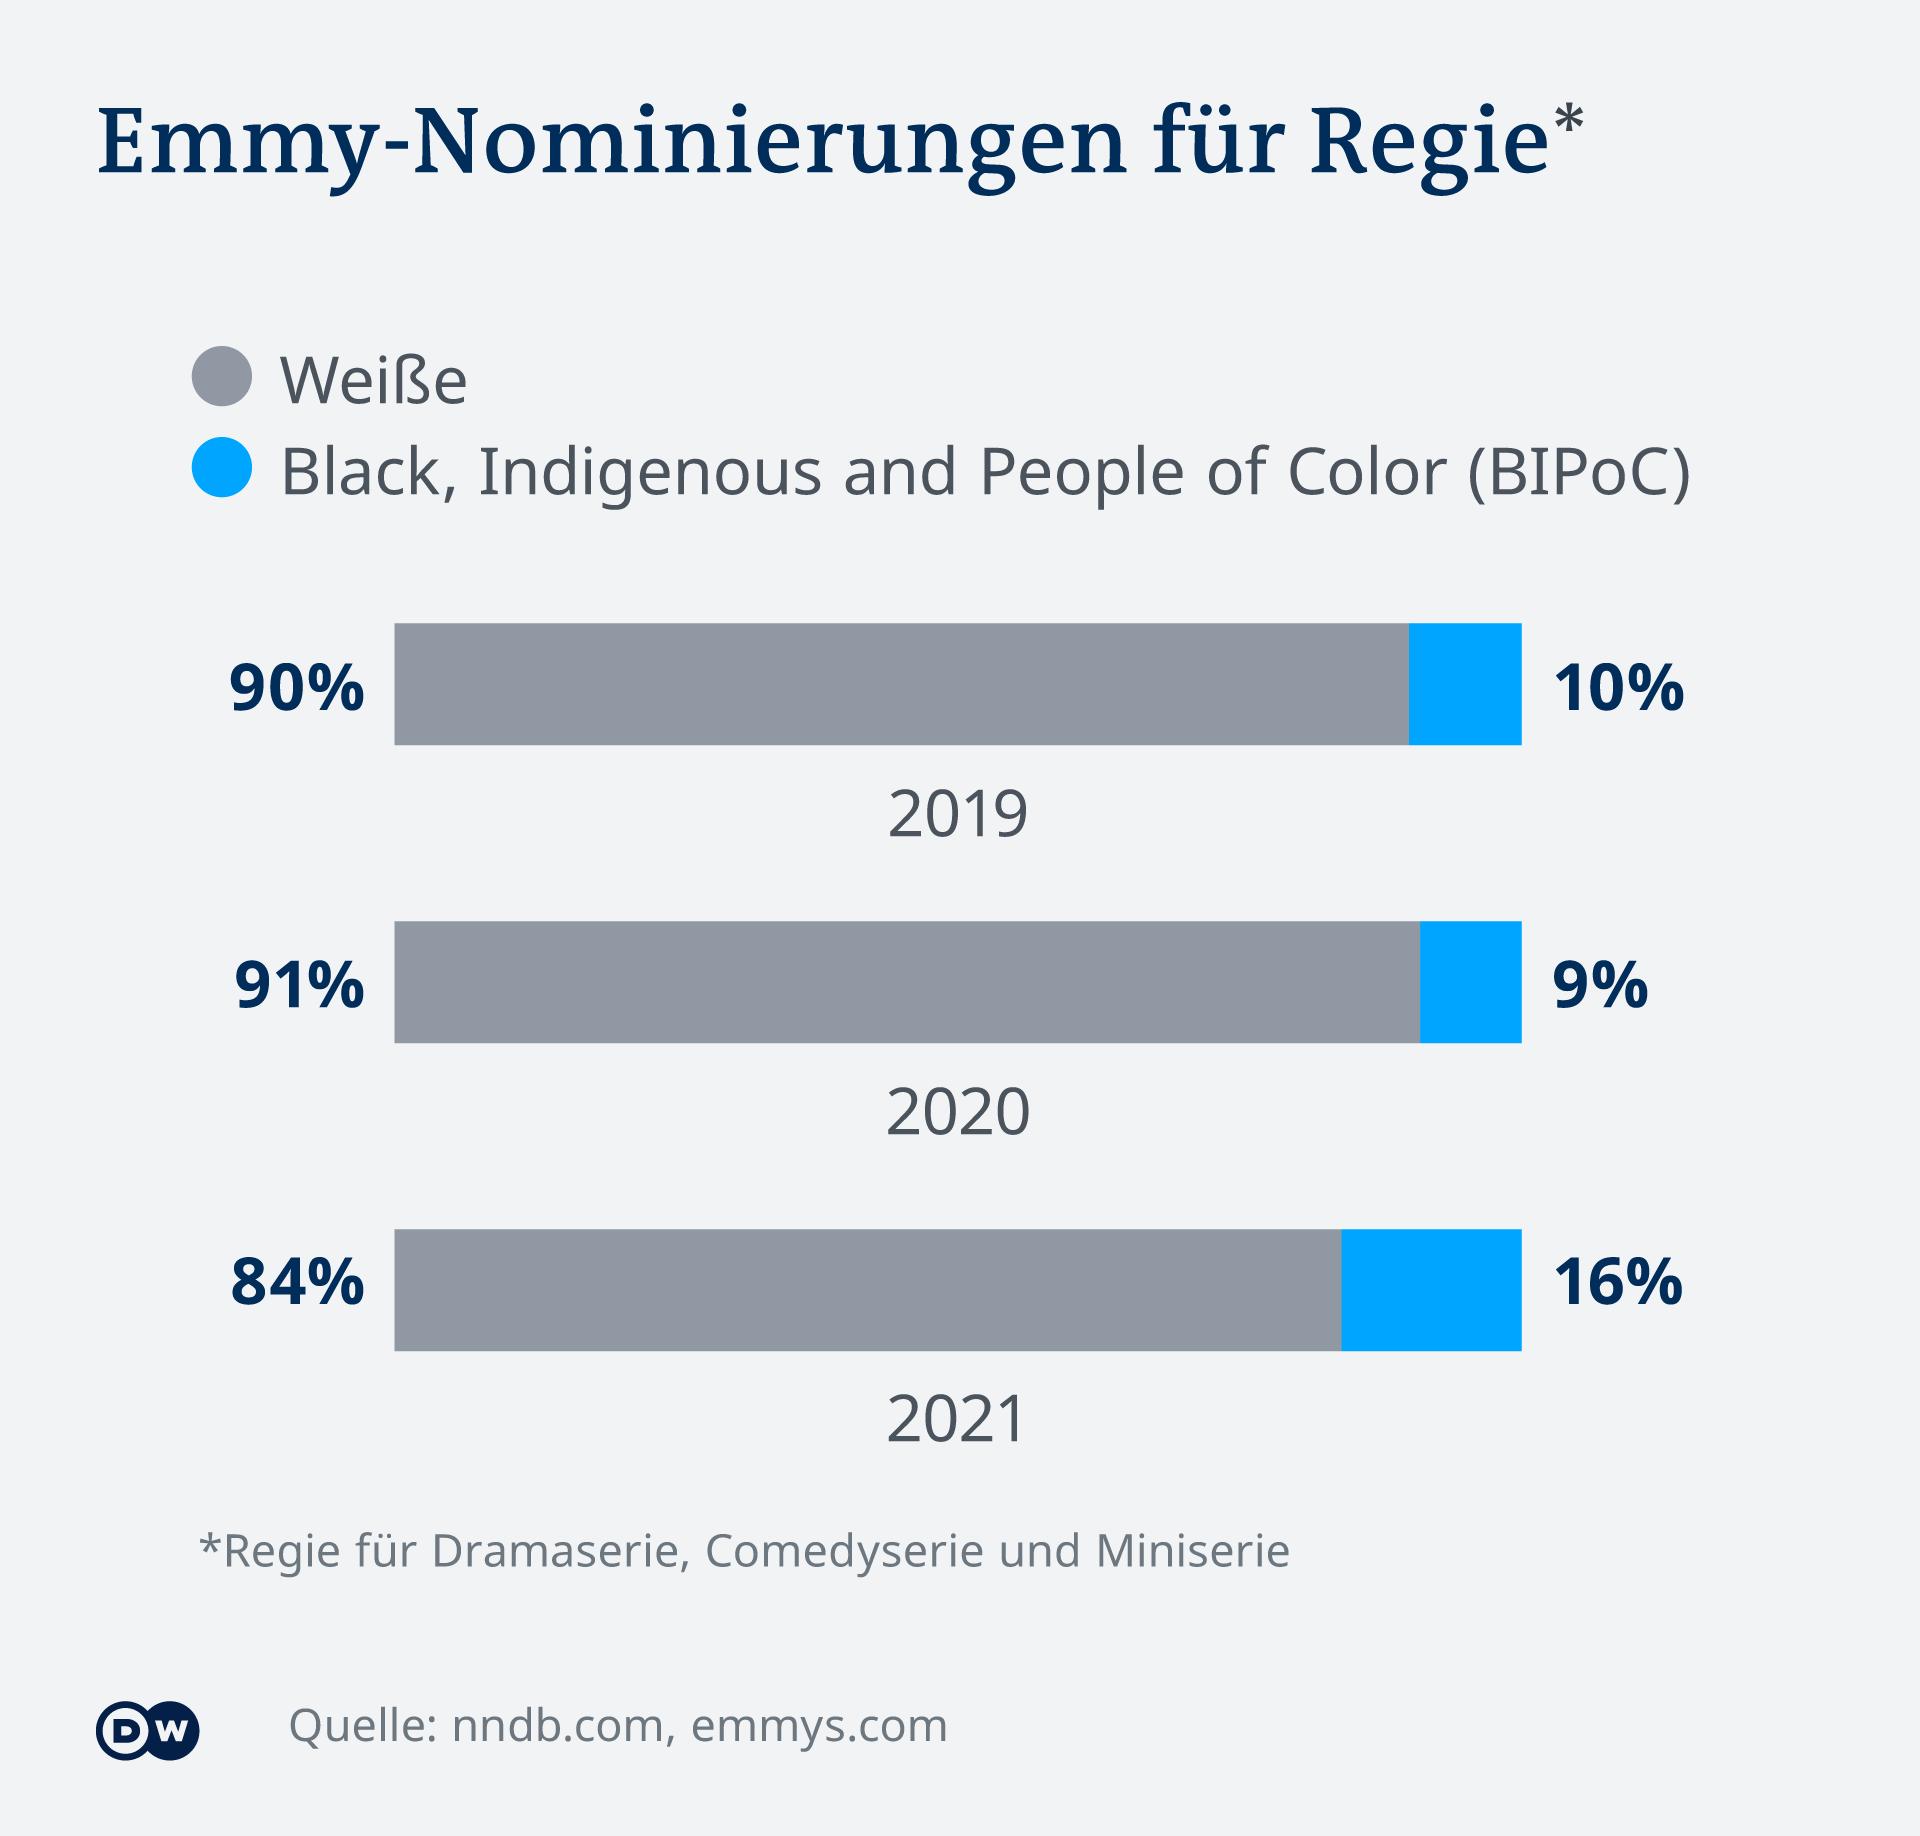 Infografik der Emmy-Nominierungen für Weiße und BIPoCs in der Kategorie Regie der Jahre 2019 bis 2021